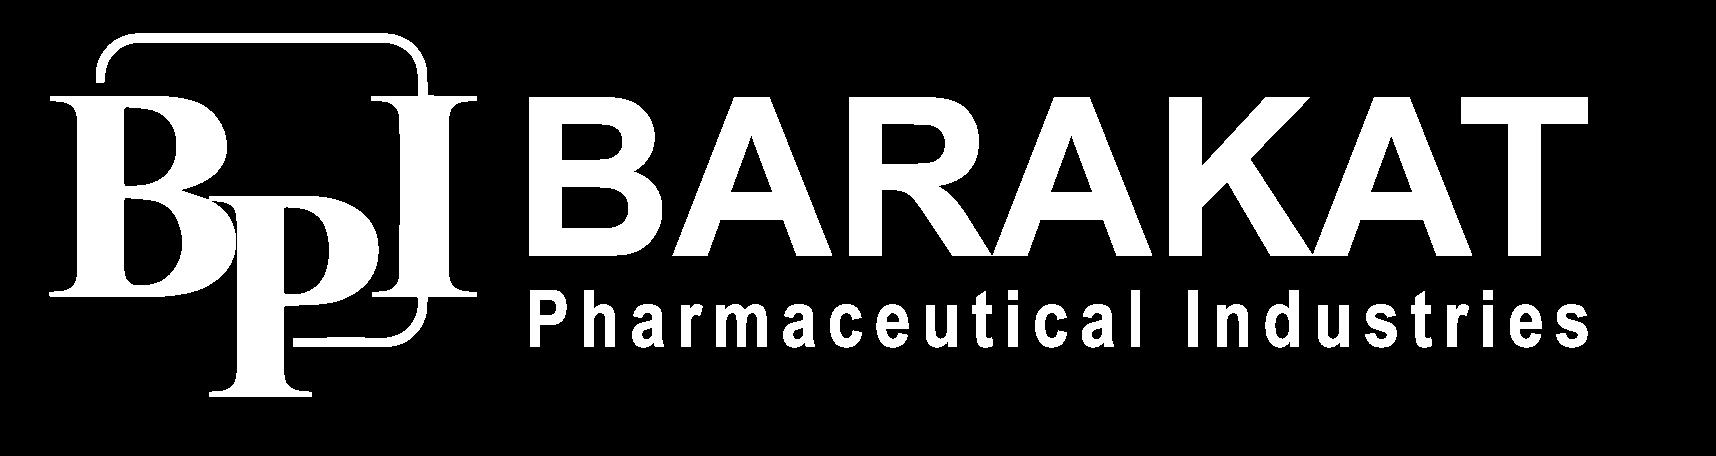 BPI - Barakat Pharma